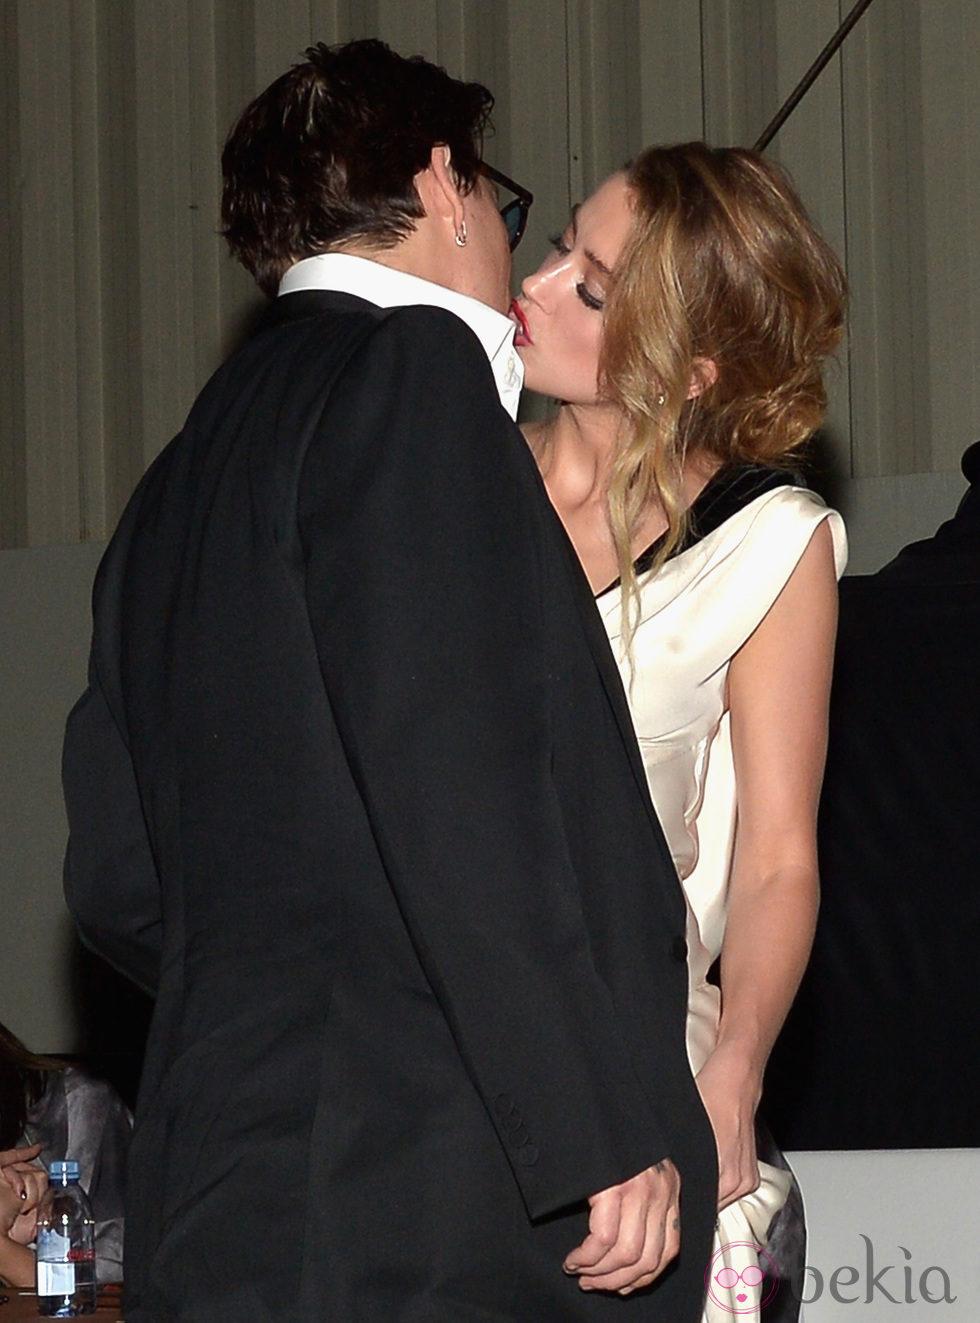 El beso de Johnny Depp y Amber Heard en la presentación de 'The Art of Elysium'